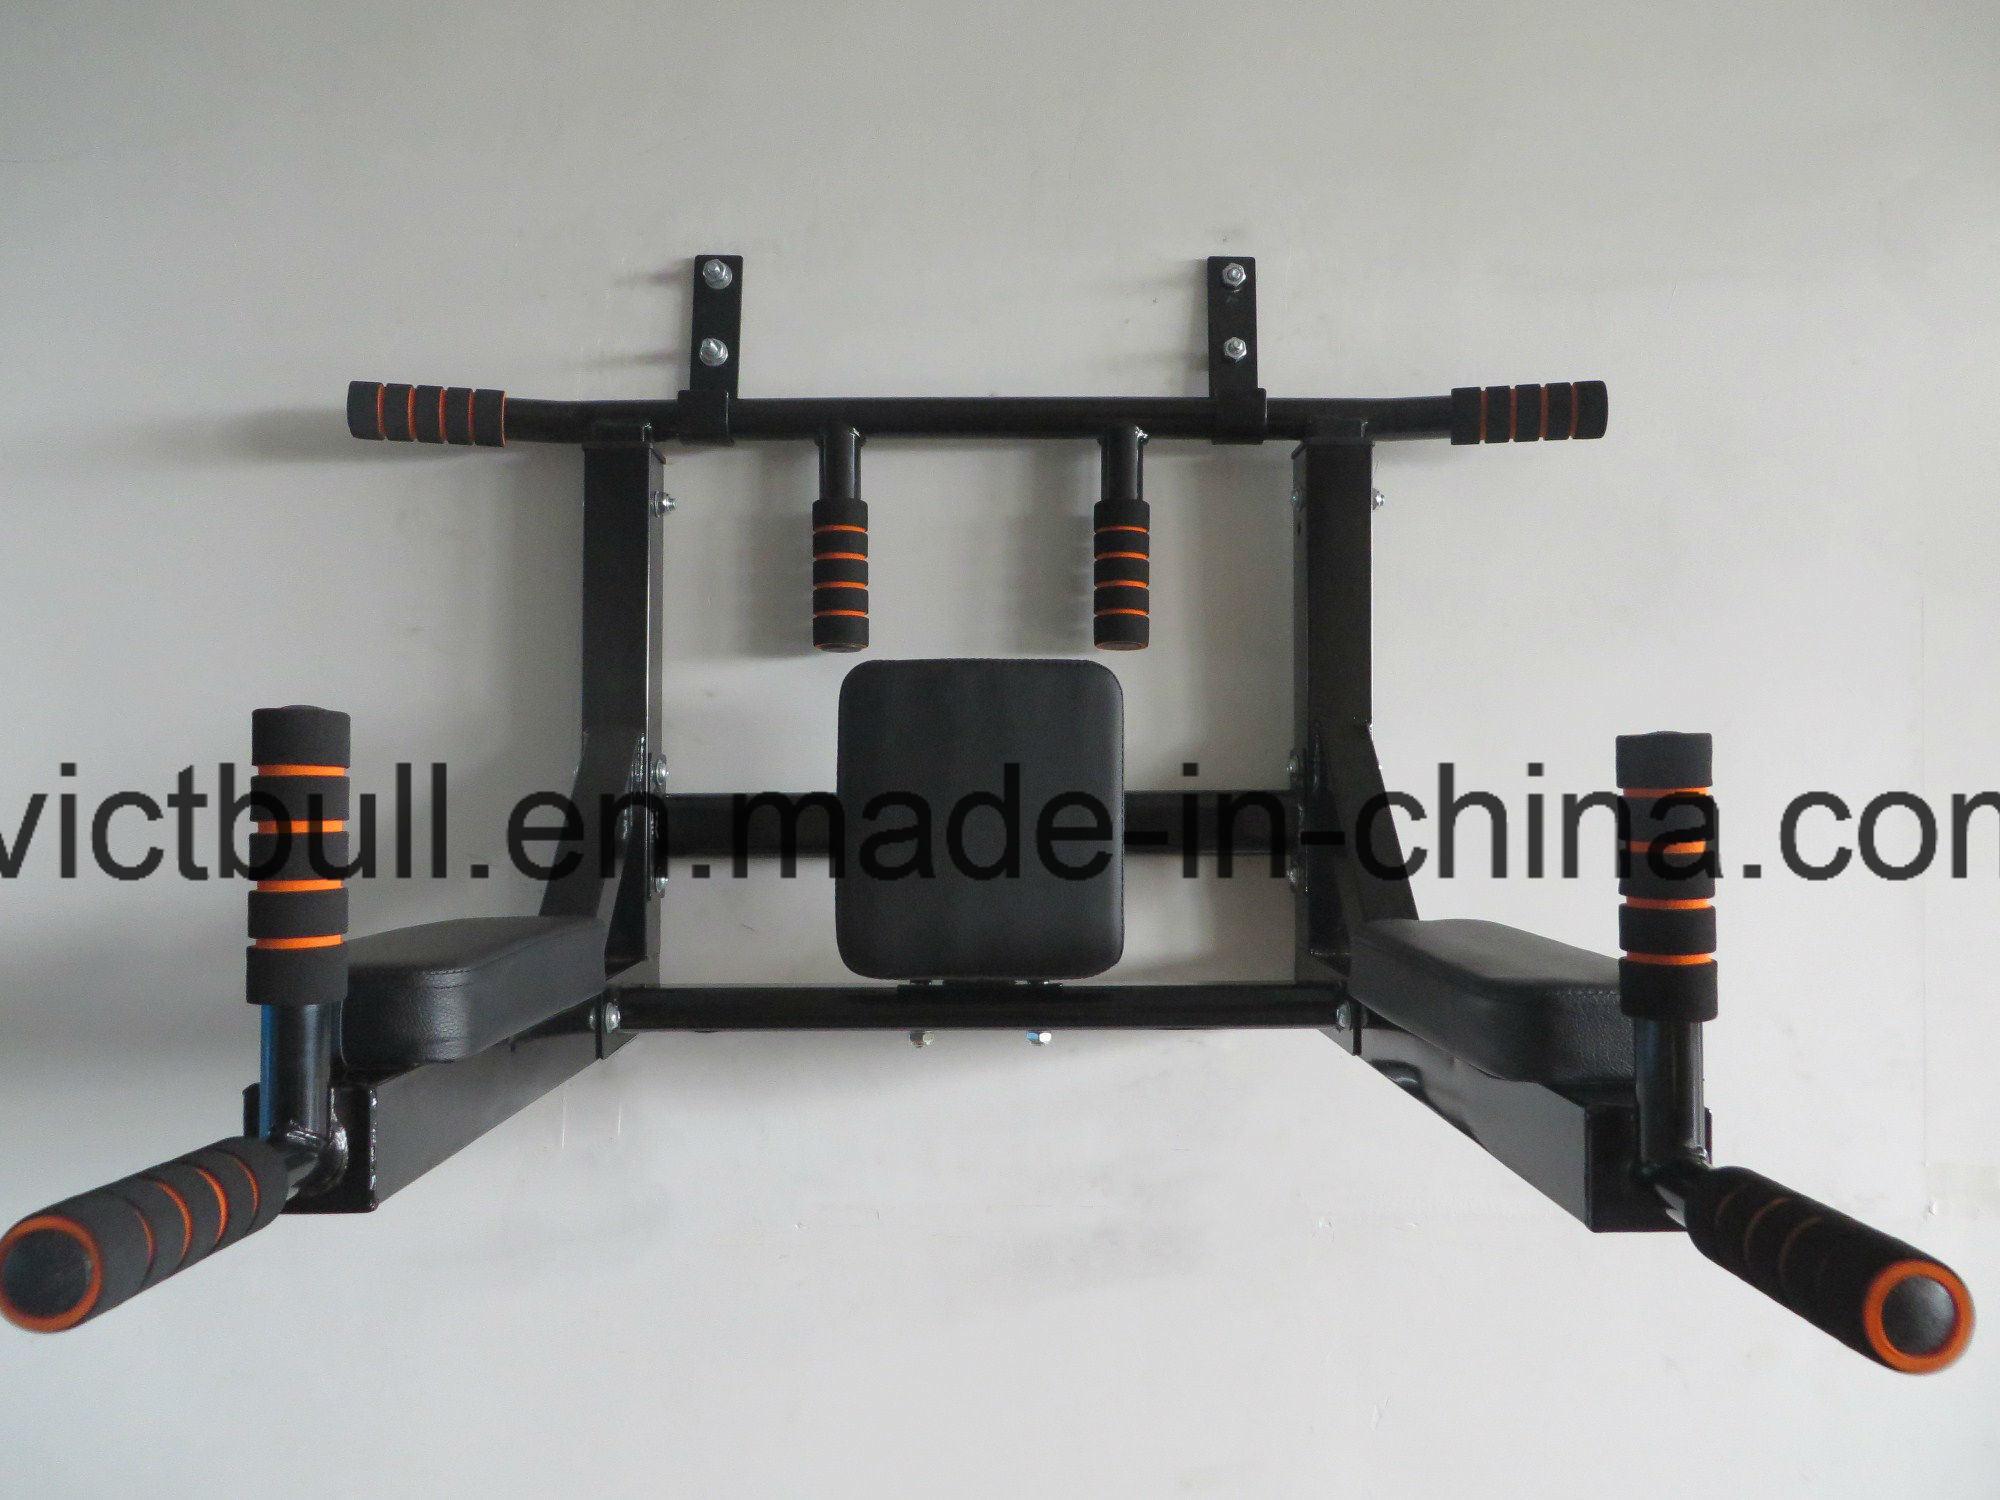 China Home Gym Equipment Wall Mounted Chin Up Bar Pull Up Bar Photos